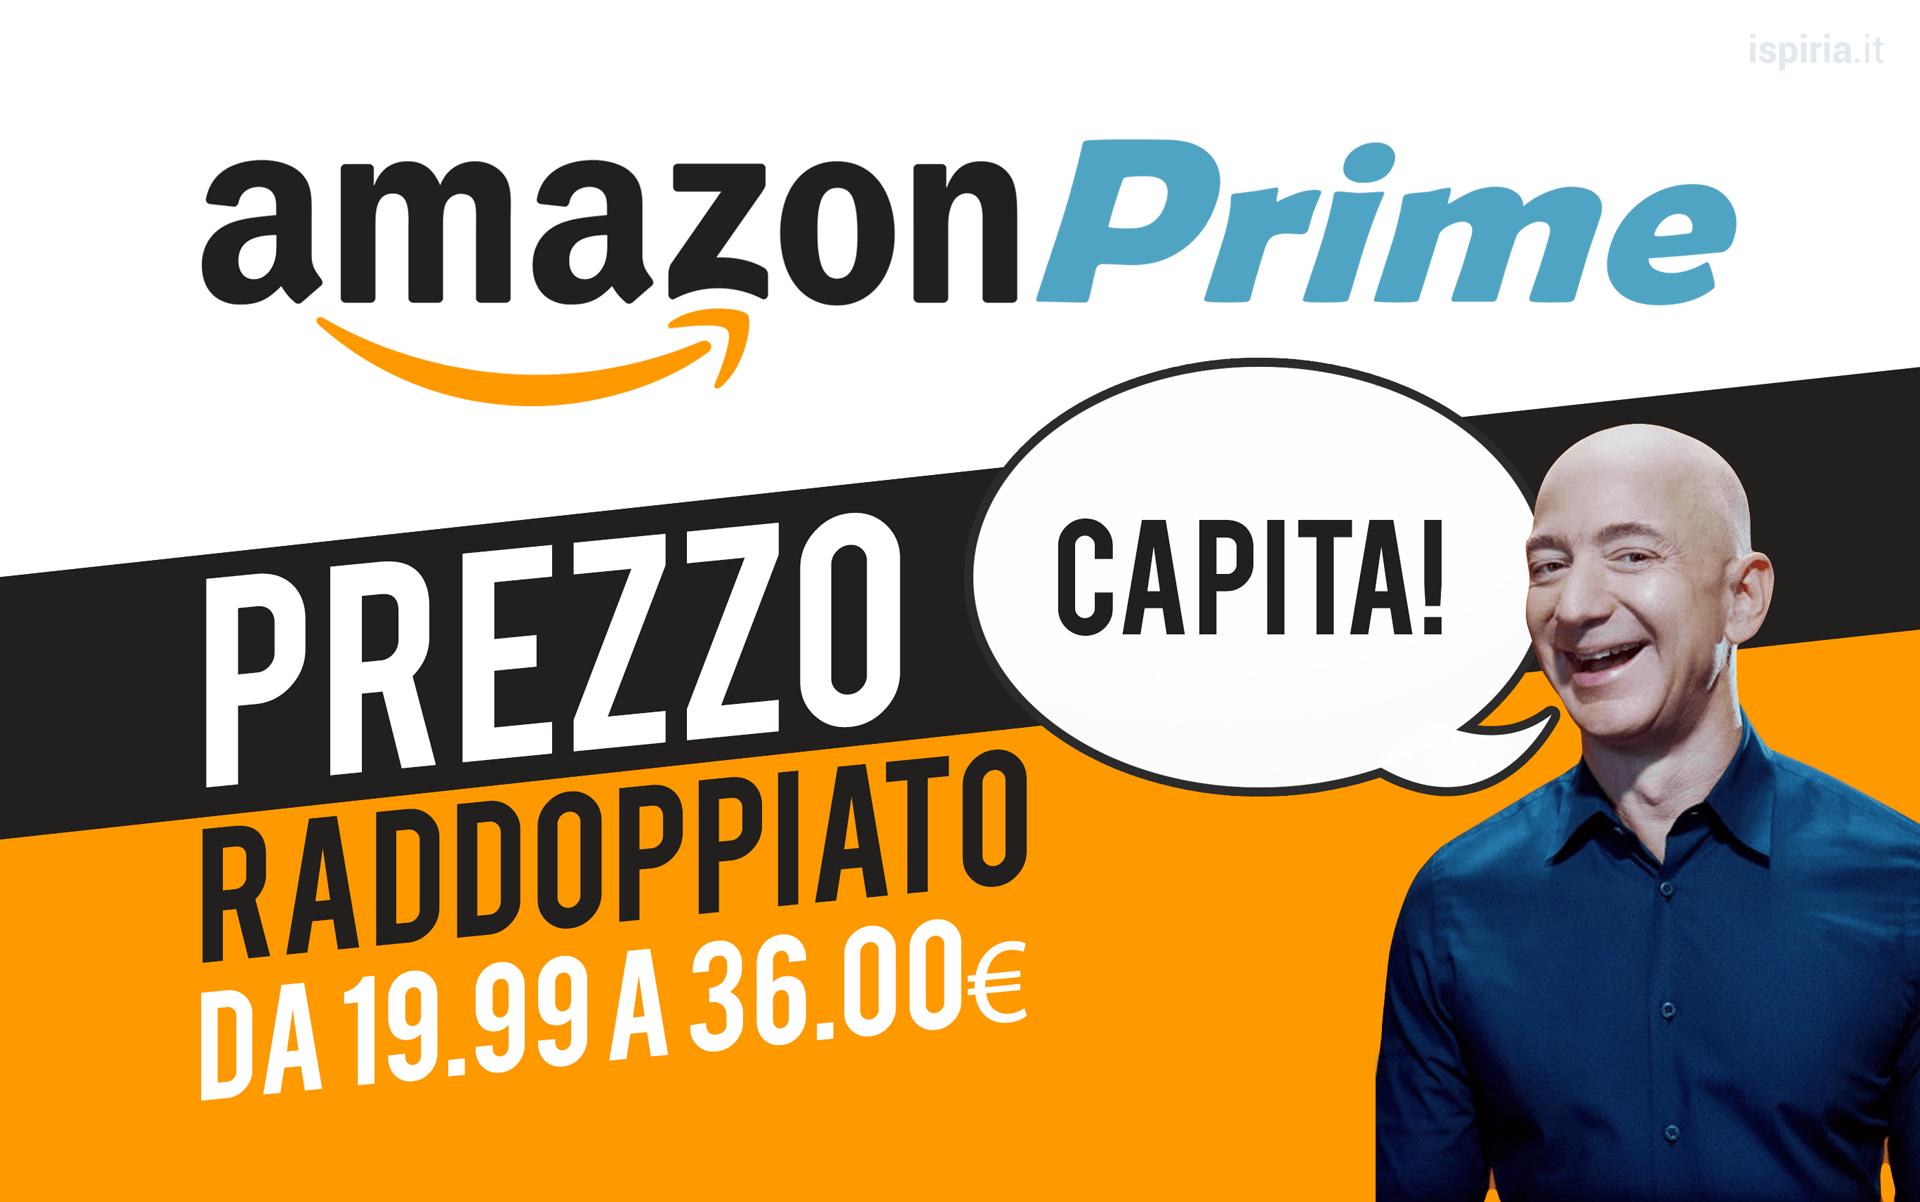 Aumento Prezzo Amazon Prime Jeff Bezos